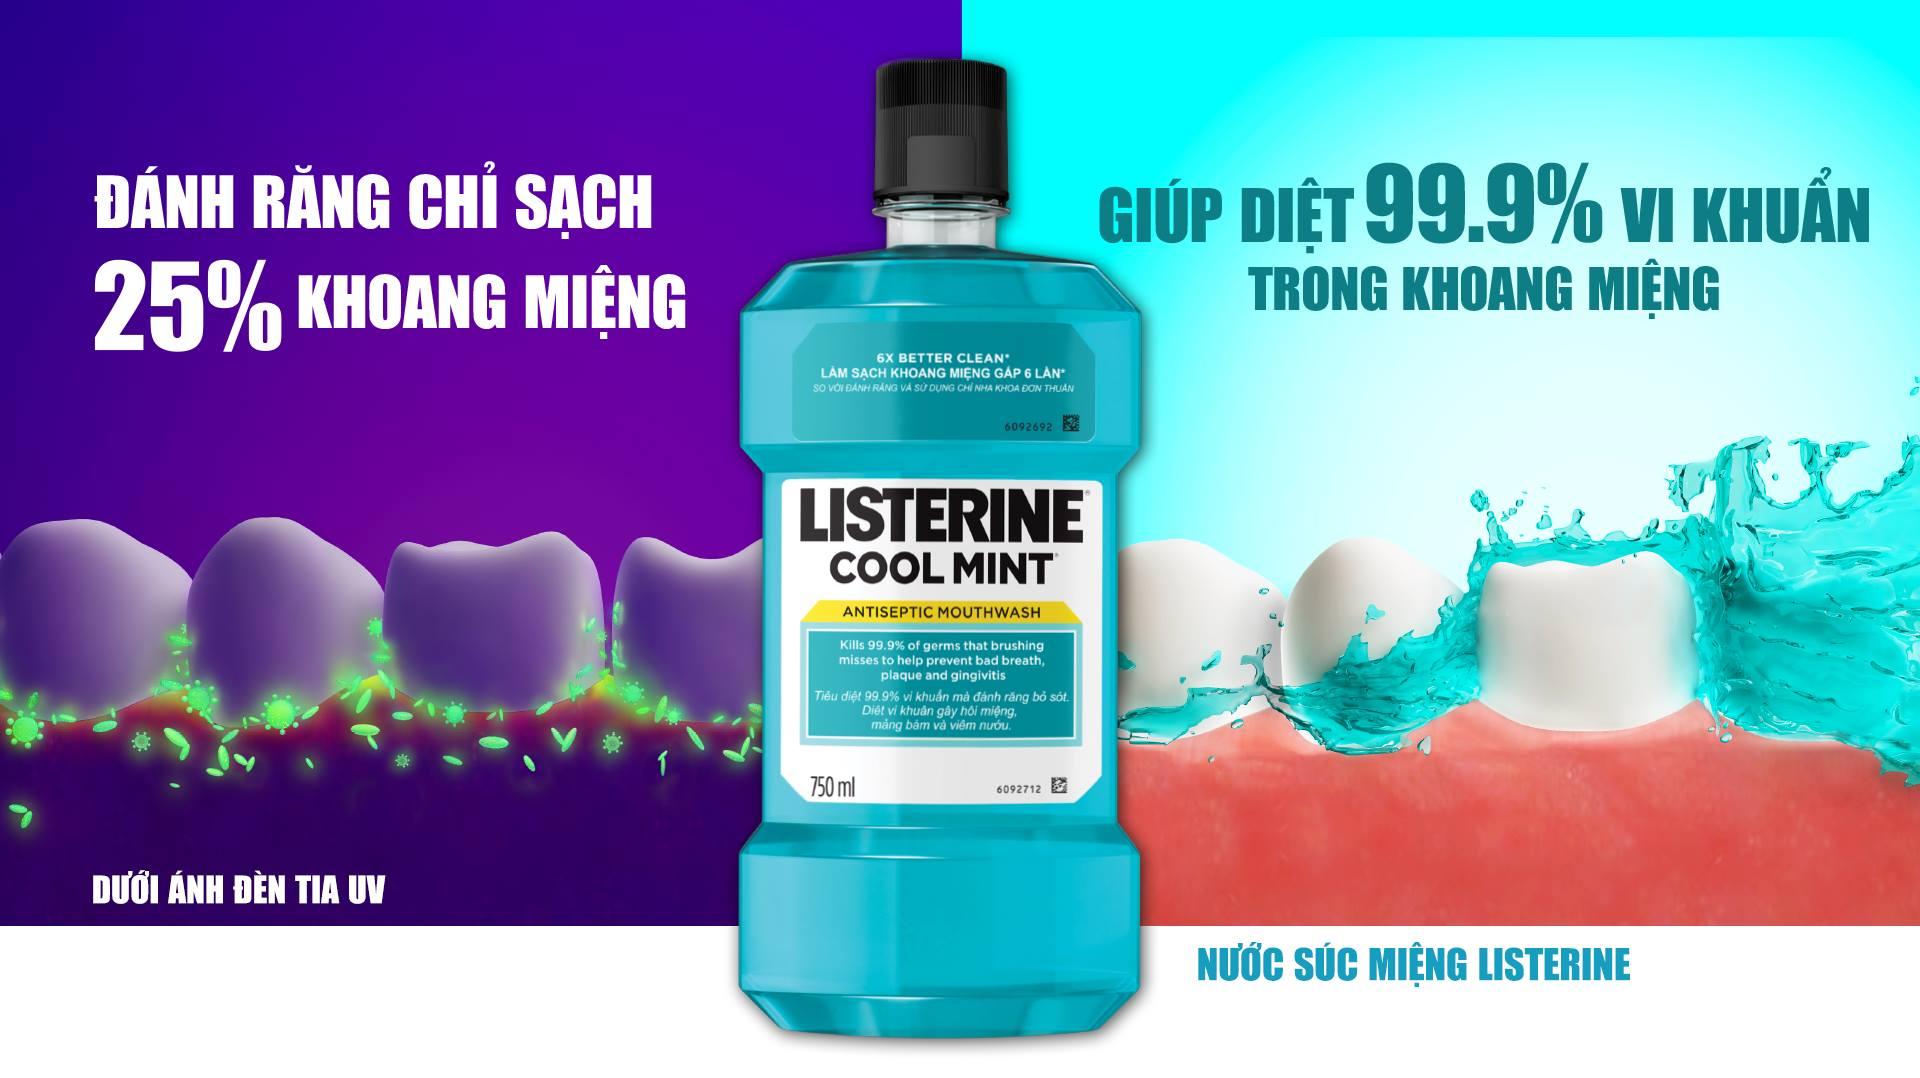 Nước Súc Miệng Hơi Thở Thơm Mát Listerine Cool Mint Mouthwash giúp diệt 99.9% vi khuẩn gây hôi miệng